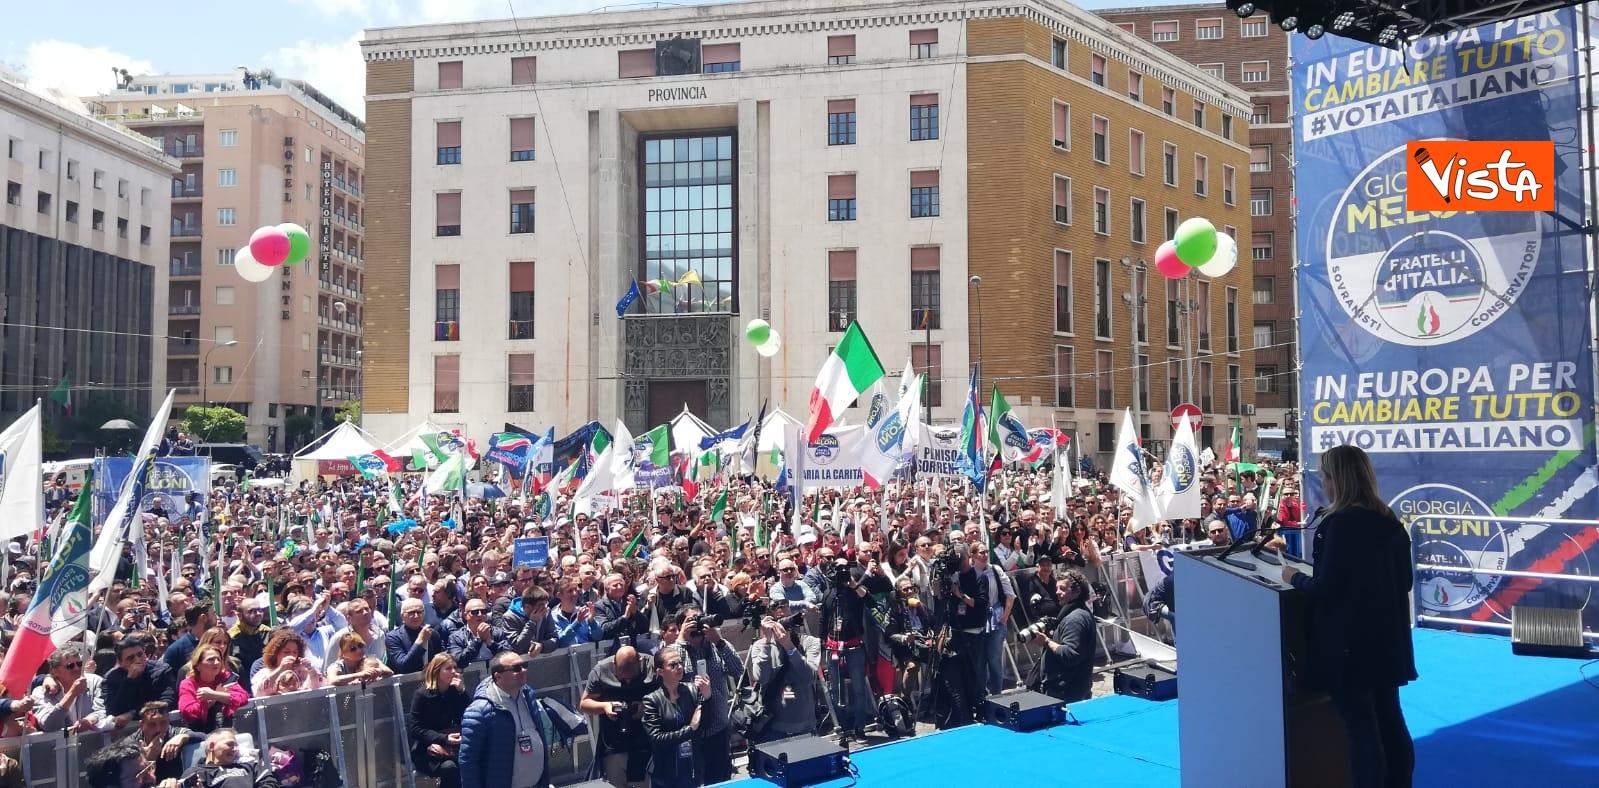 19-05-19 Europee Meloni chiude campagna elettorale a Napoli il comizio in piazza Matteotti